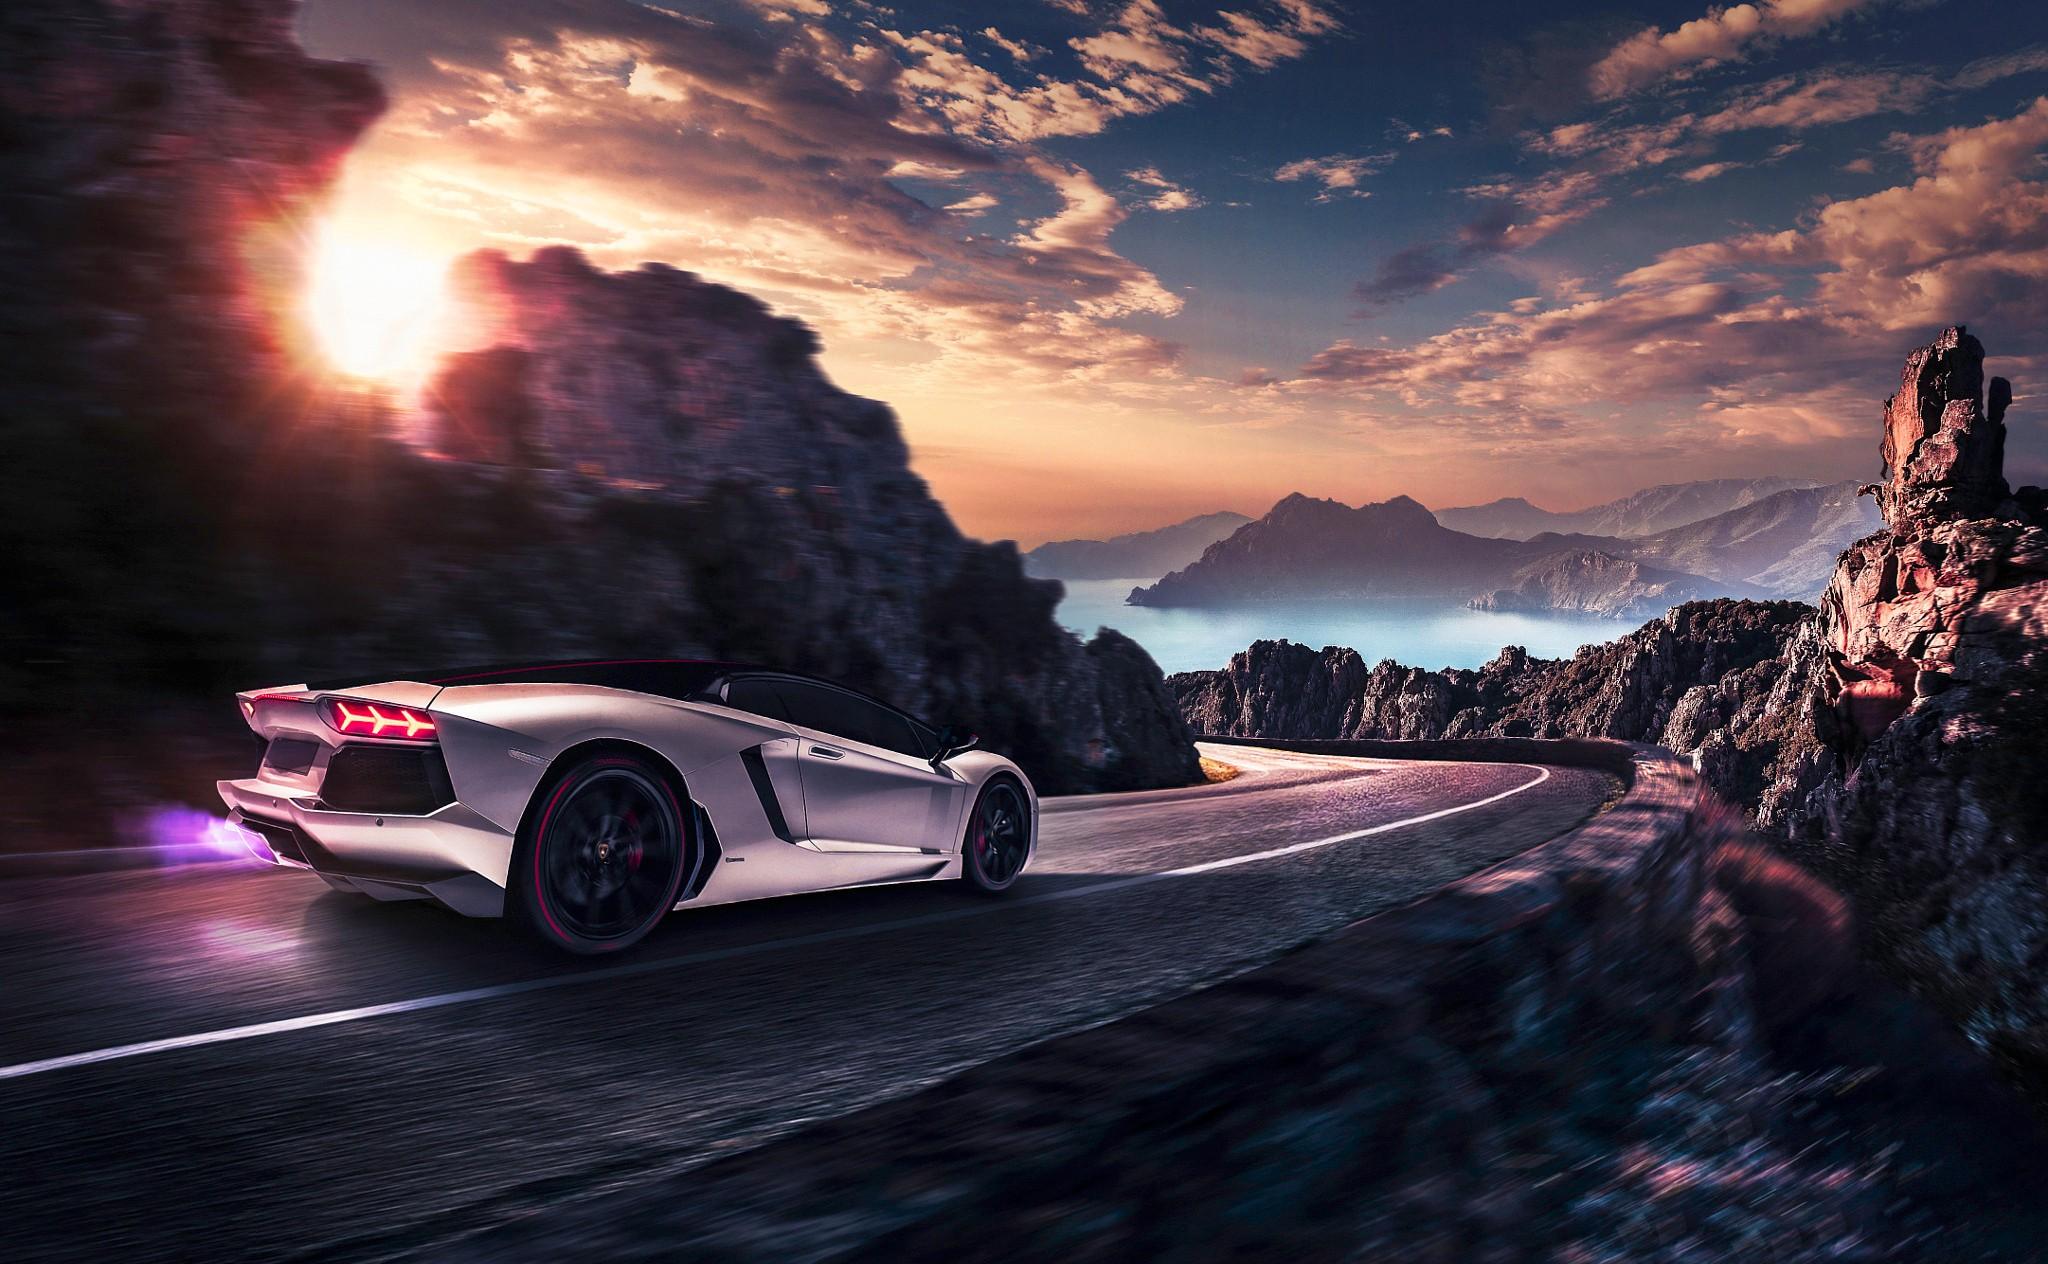 Dope Wallpaper Super Cars Lamborghini Artwork Hd Cars 4k Wallpapers Images